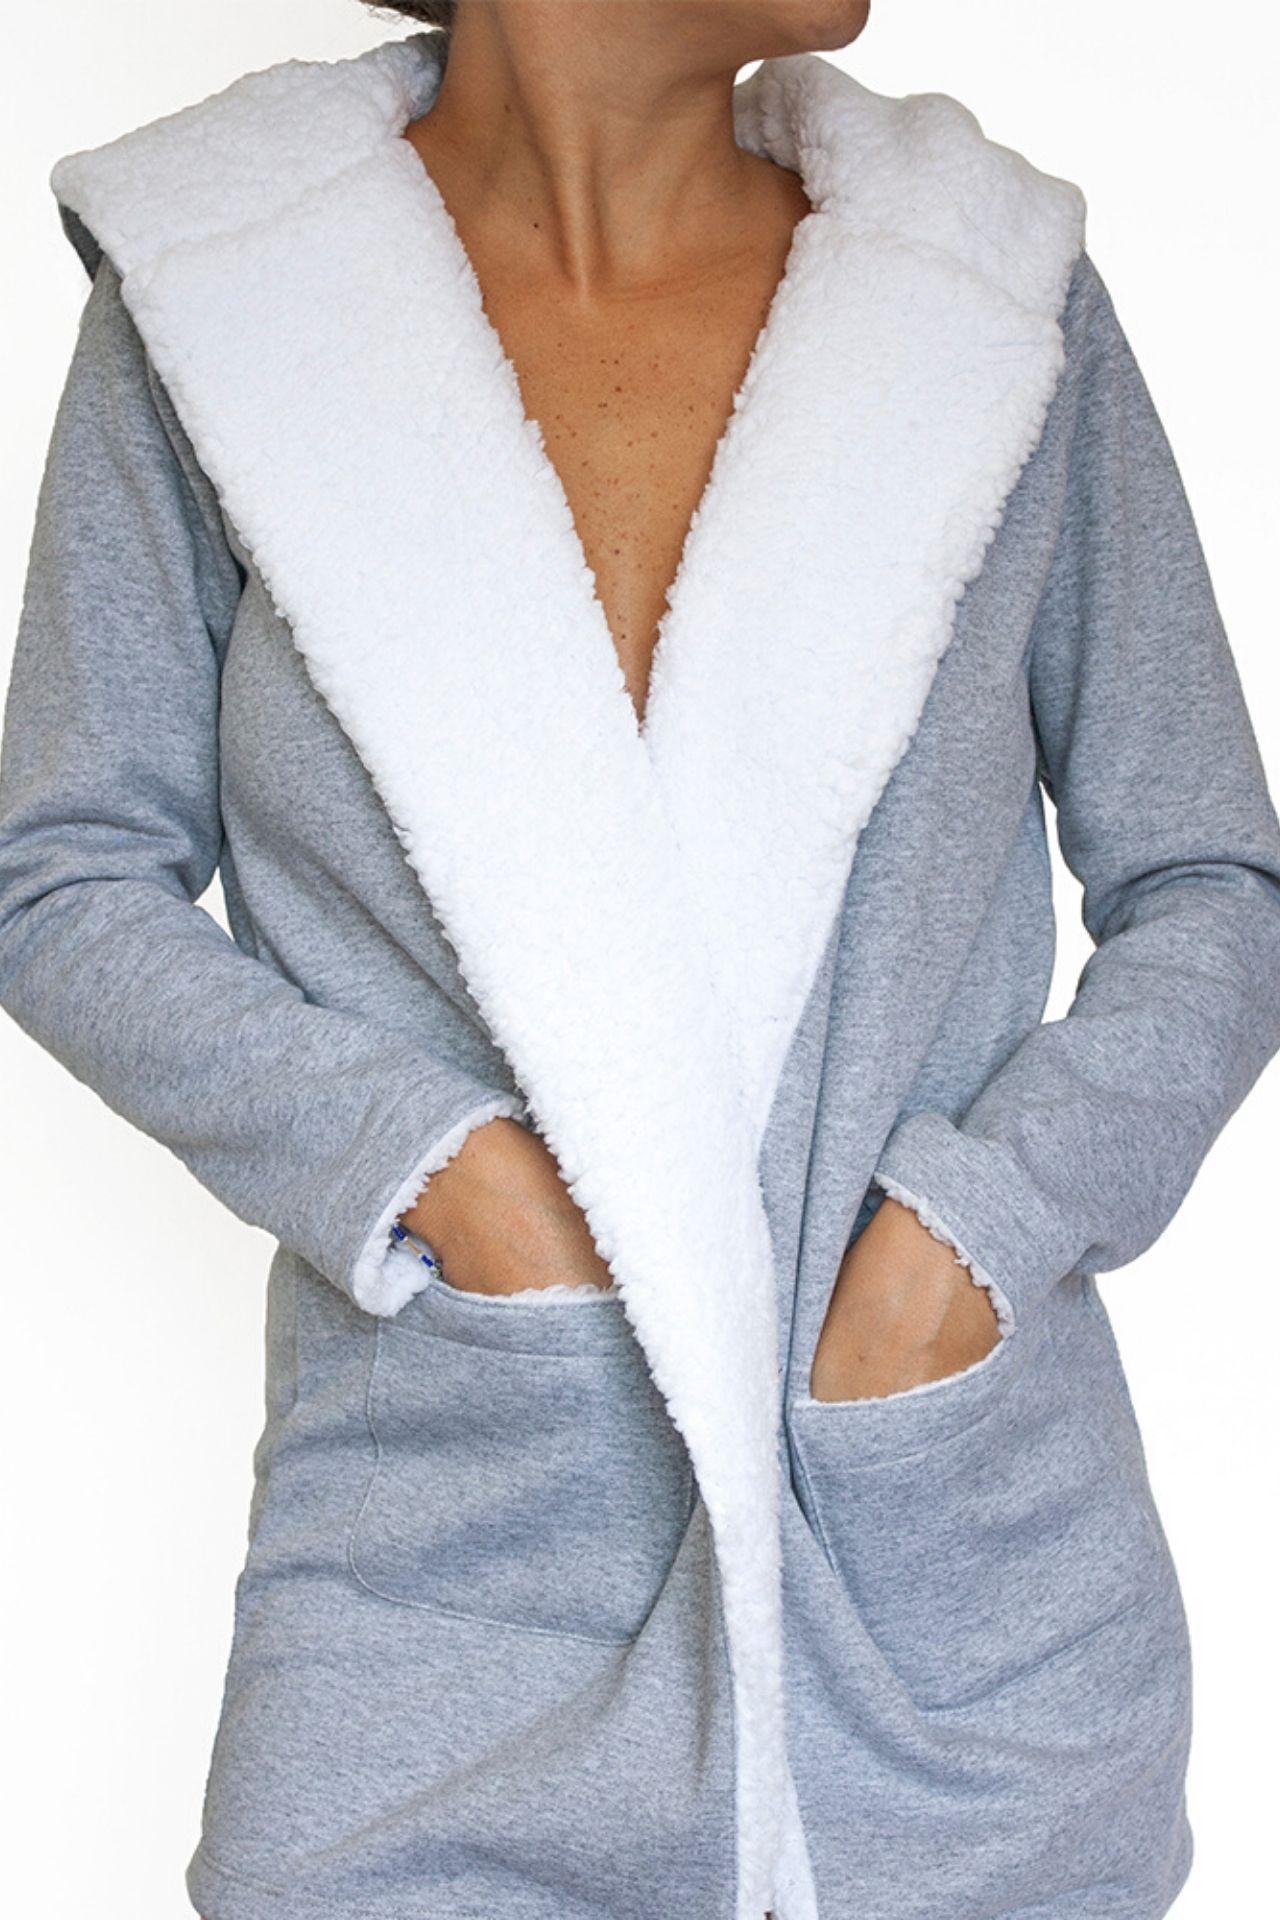 Bata de manga larga con dos bolsillos adelante y capucha atrás.  Peluche en todo el largo del cuello y capucha.  No es forrada con peluche en su totalidad.    Composición  100% algodón    Es una talla standard, si estár entre la talla XS, S o M te quedará bien.